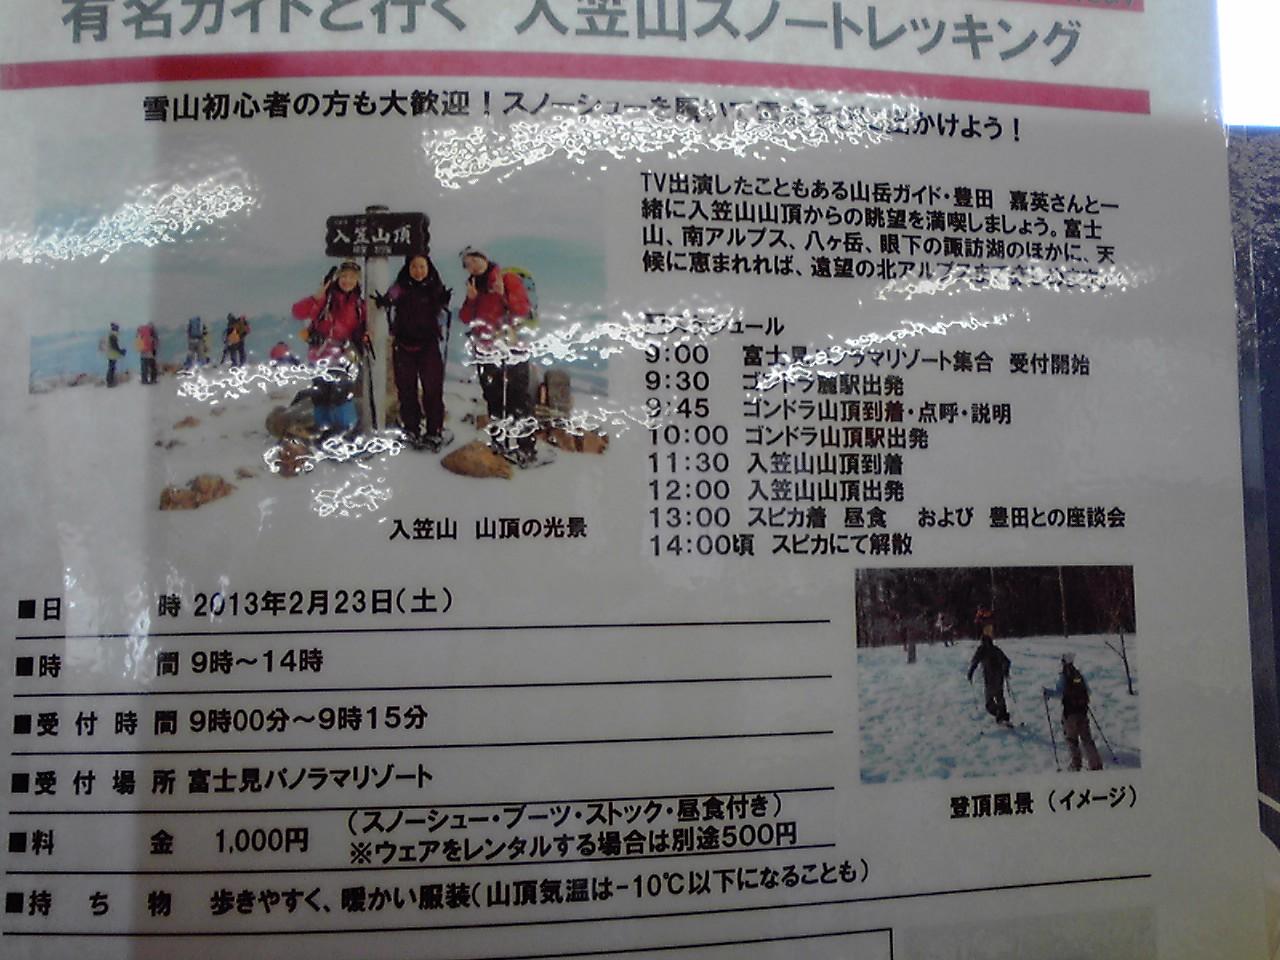 2/23は富士見の日らしいです_e0155231_13255856.jpg